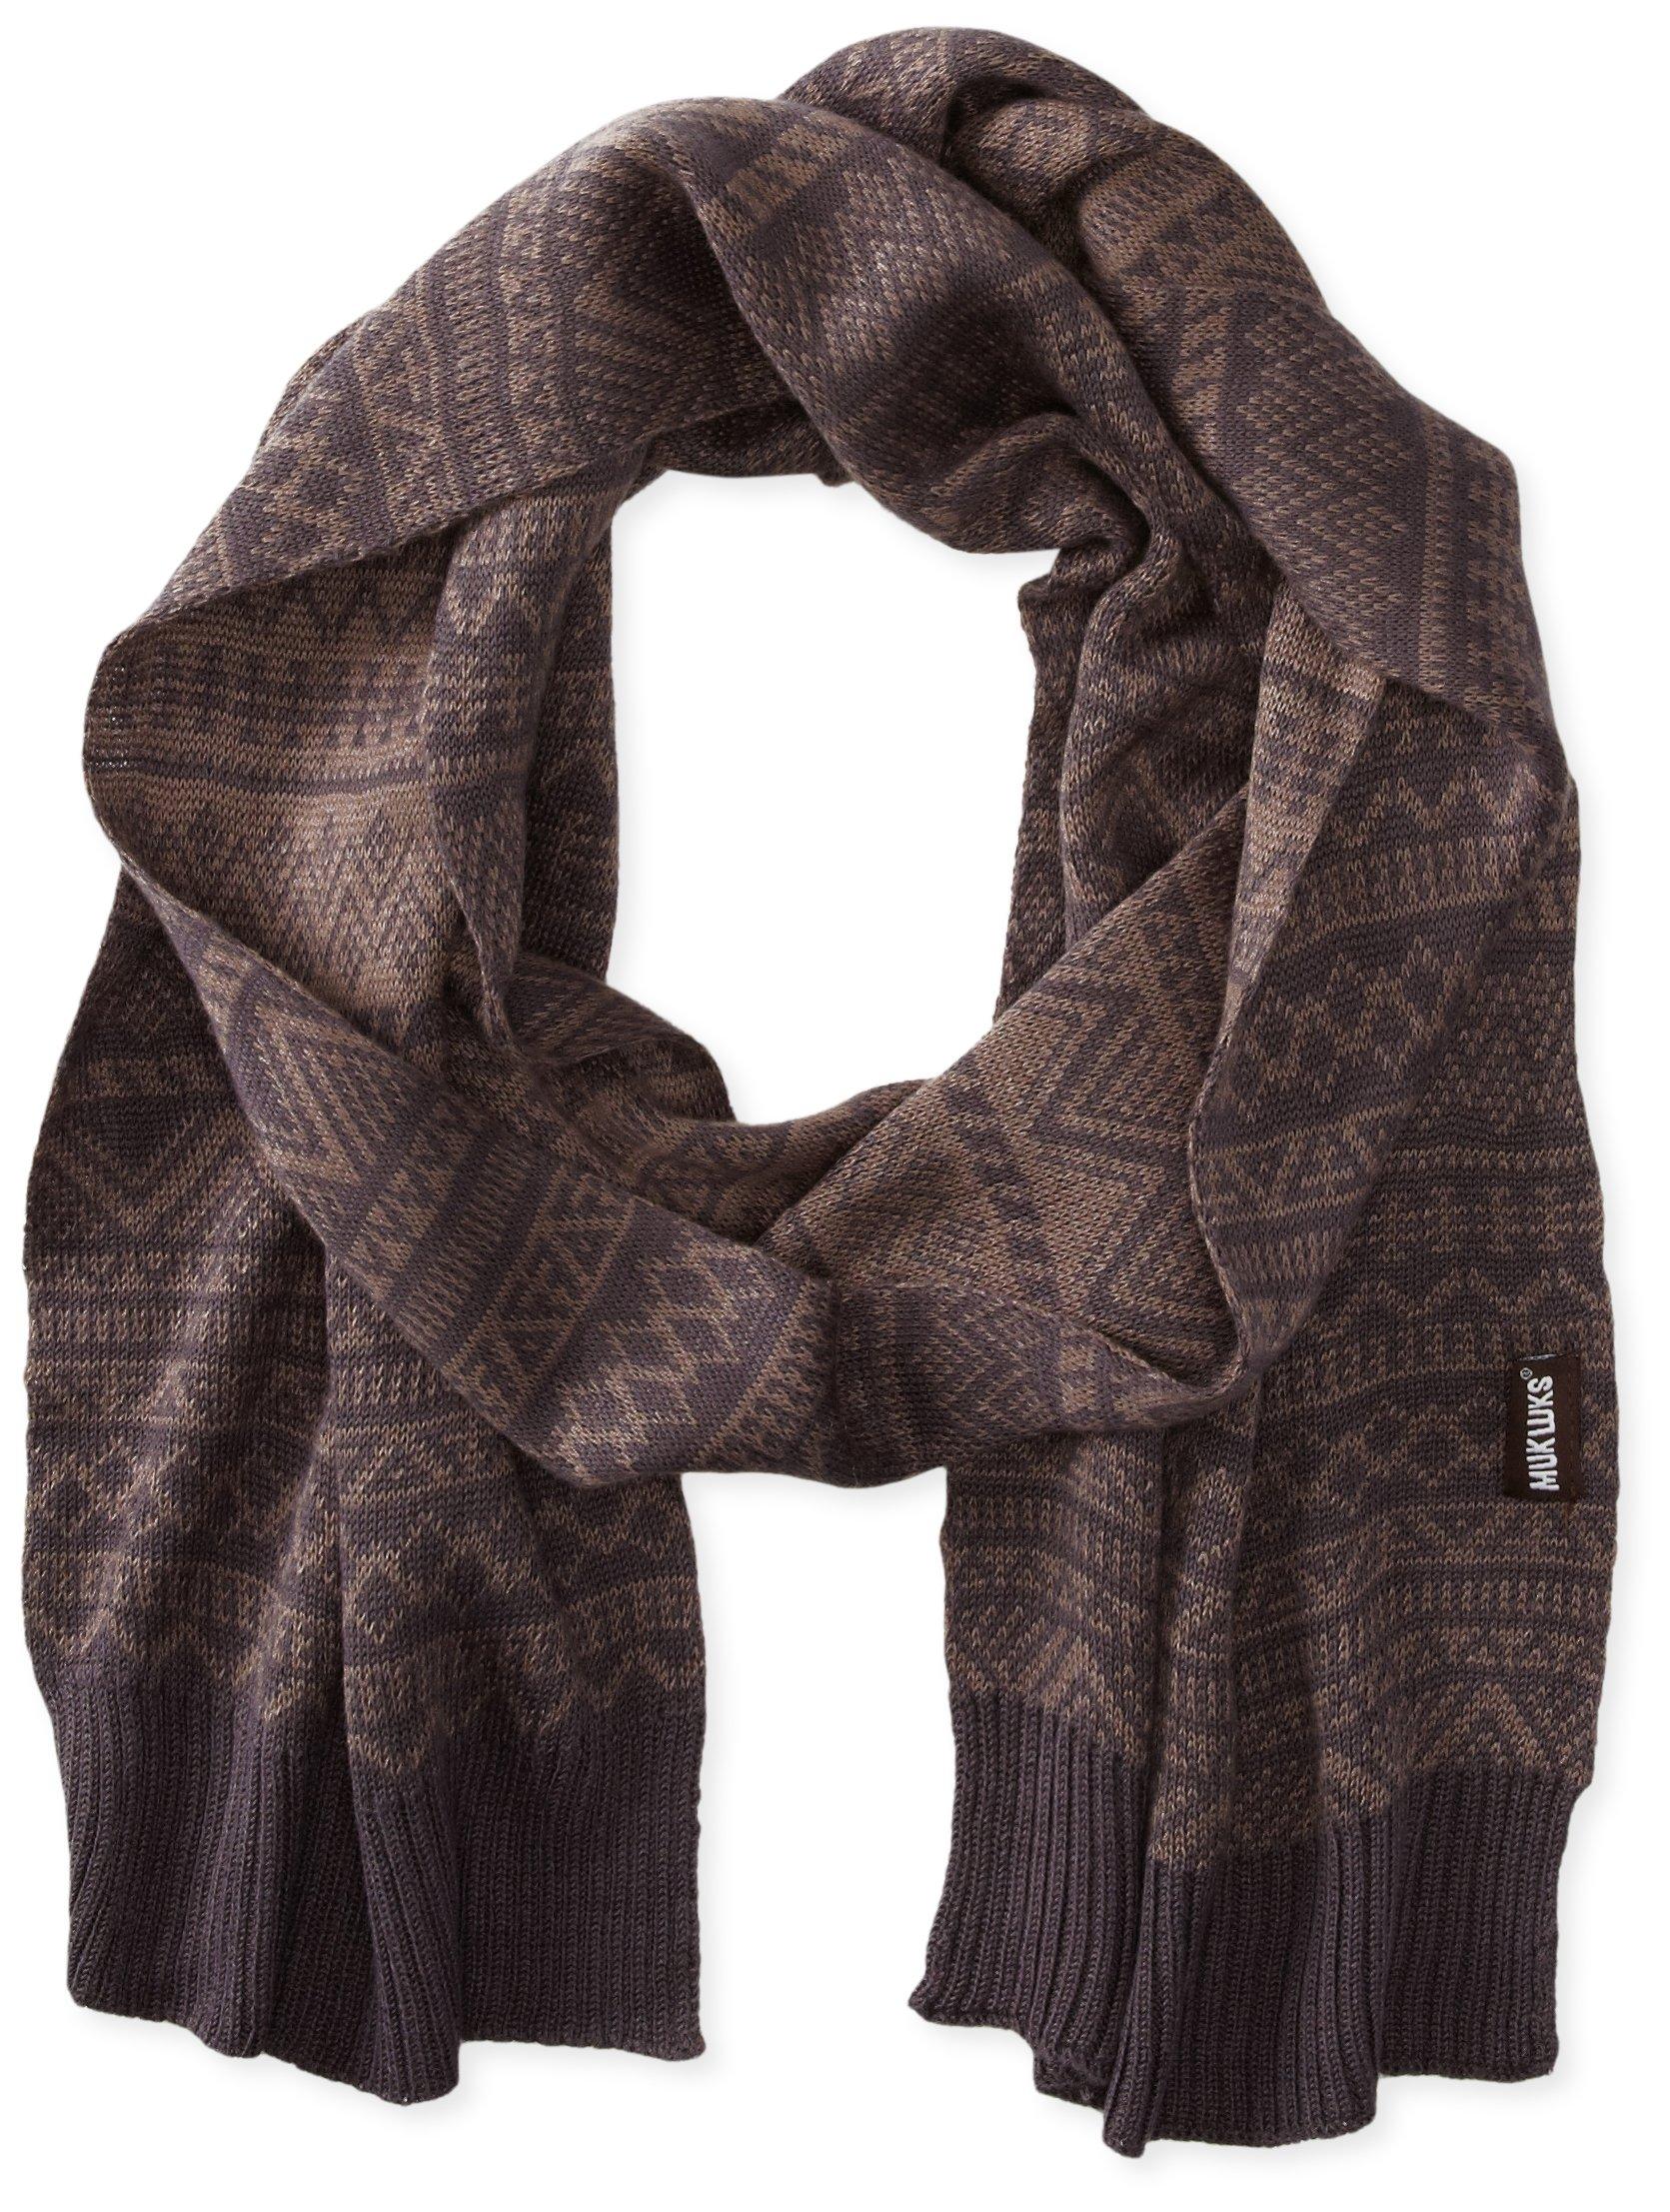 Muk Luks Men's Fine Gauge Jacquard Scarf, Grey, One Size